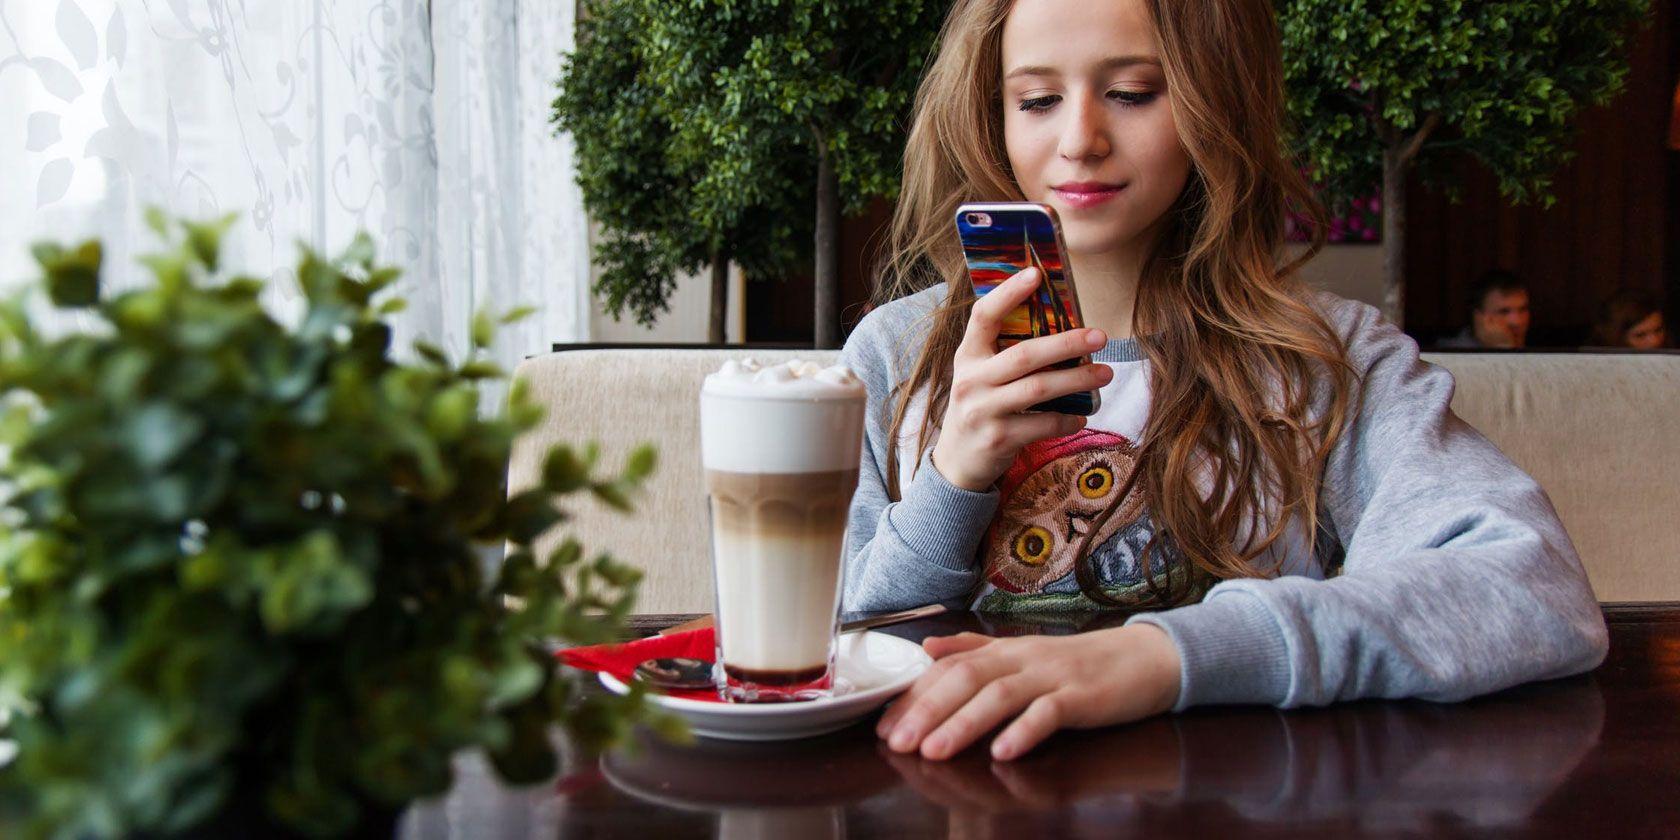 why-teenagers-love-instagram